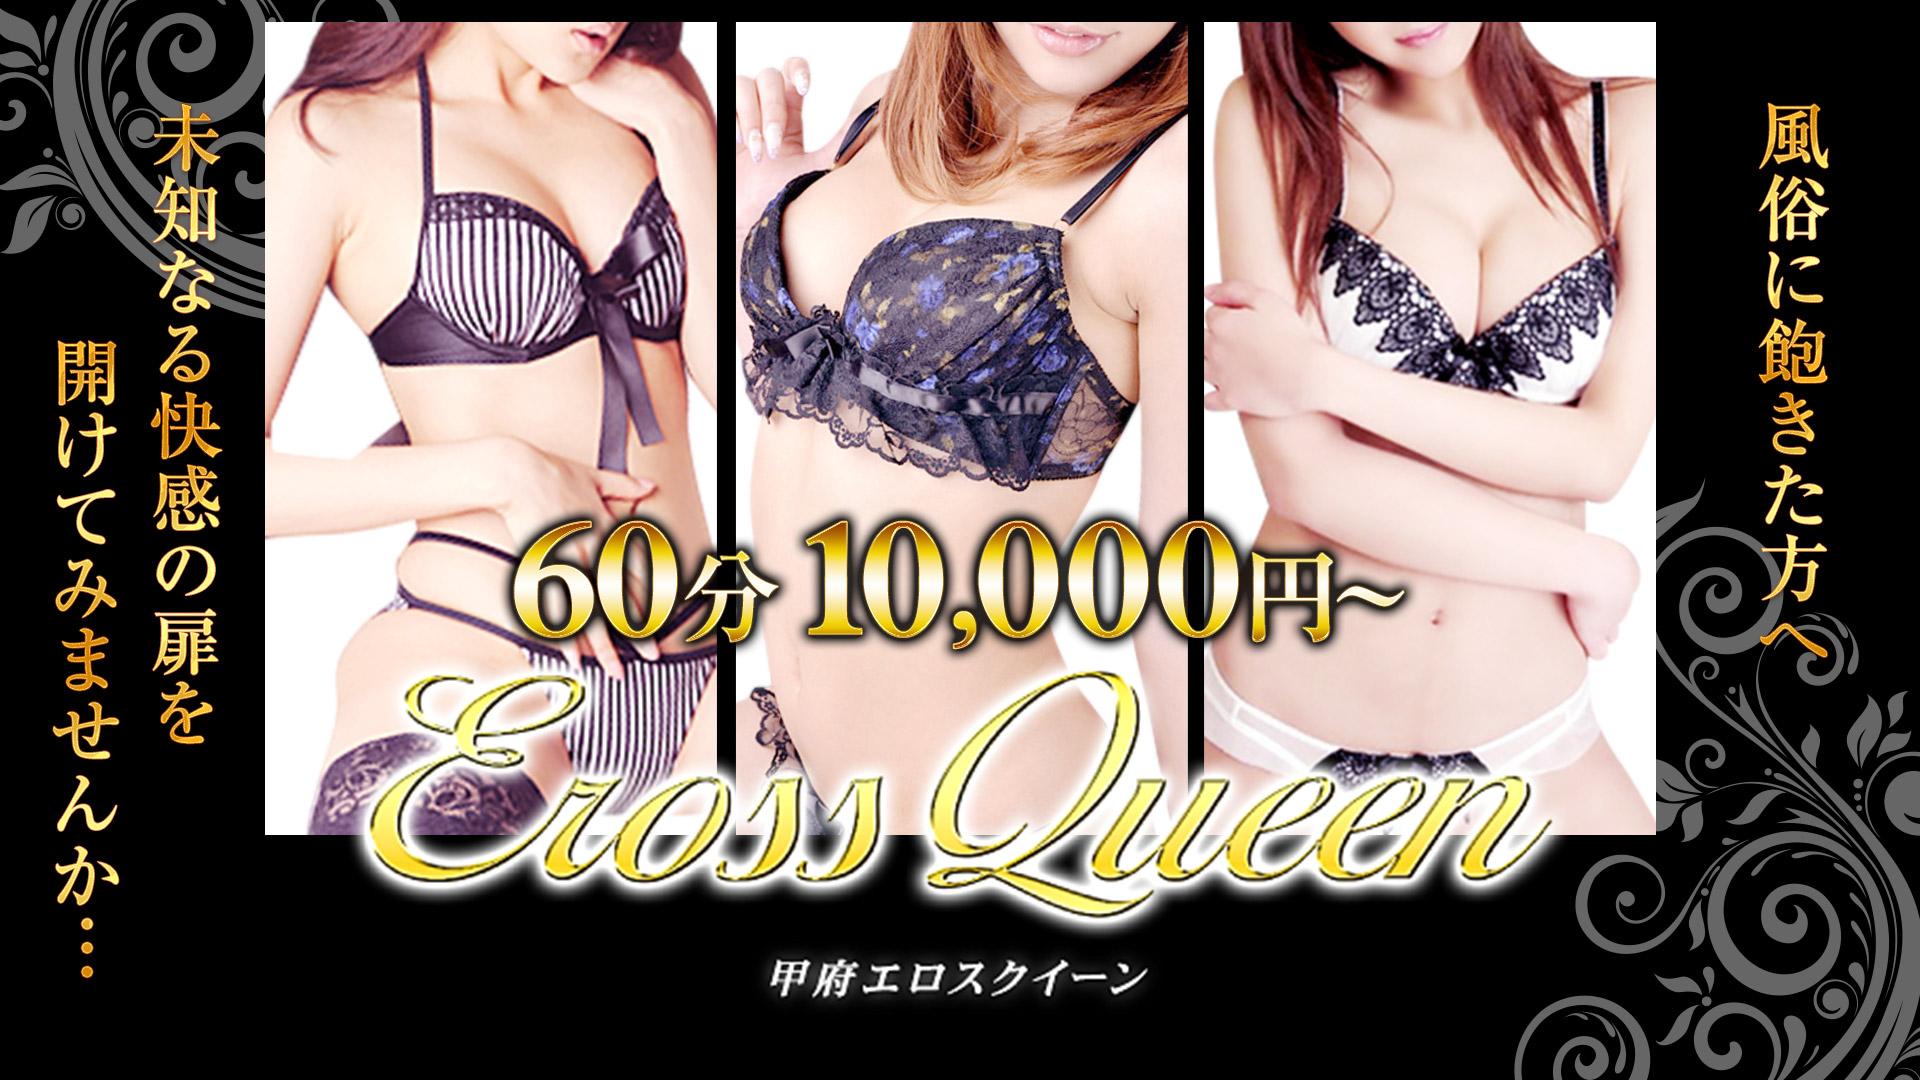 Eross Queen(エロスクイーン)